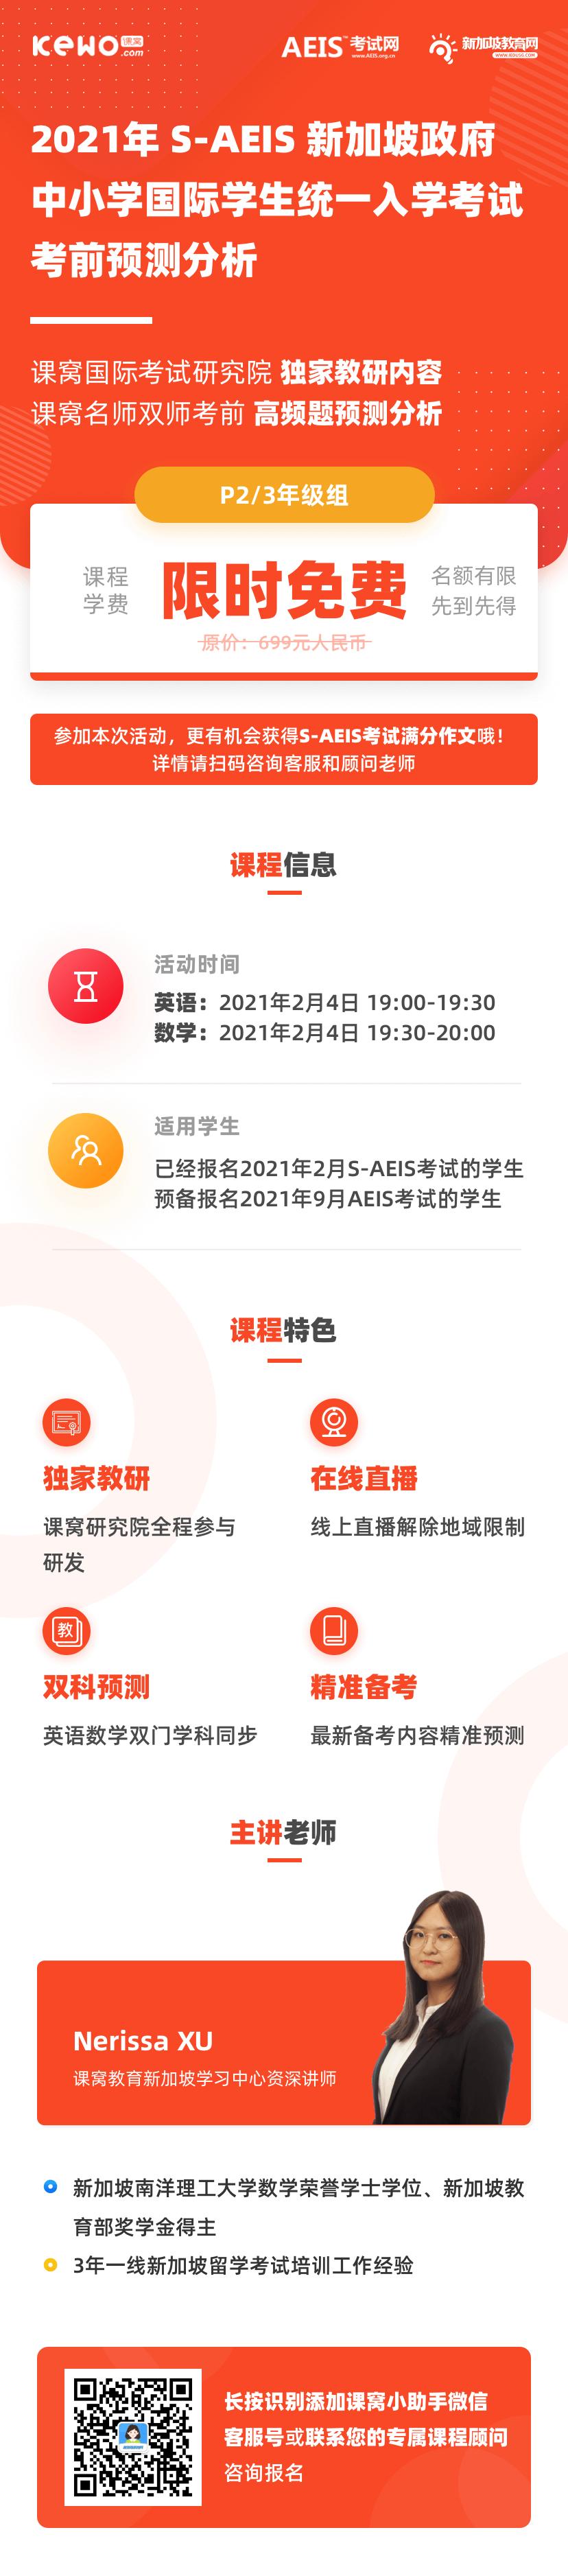 2021年S-AEIS新加坡政府中小学国际学生统一入学考试考前预测分析